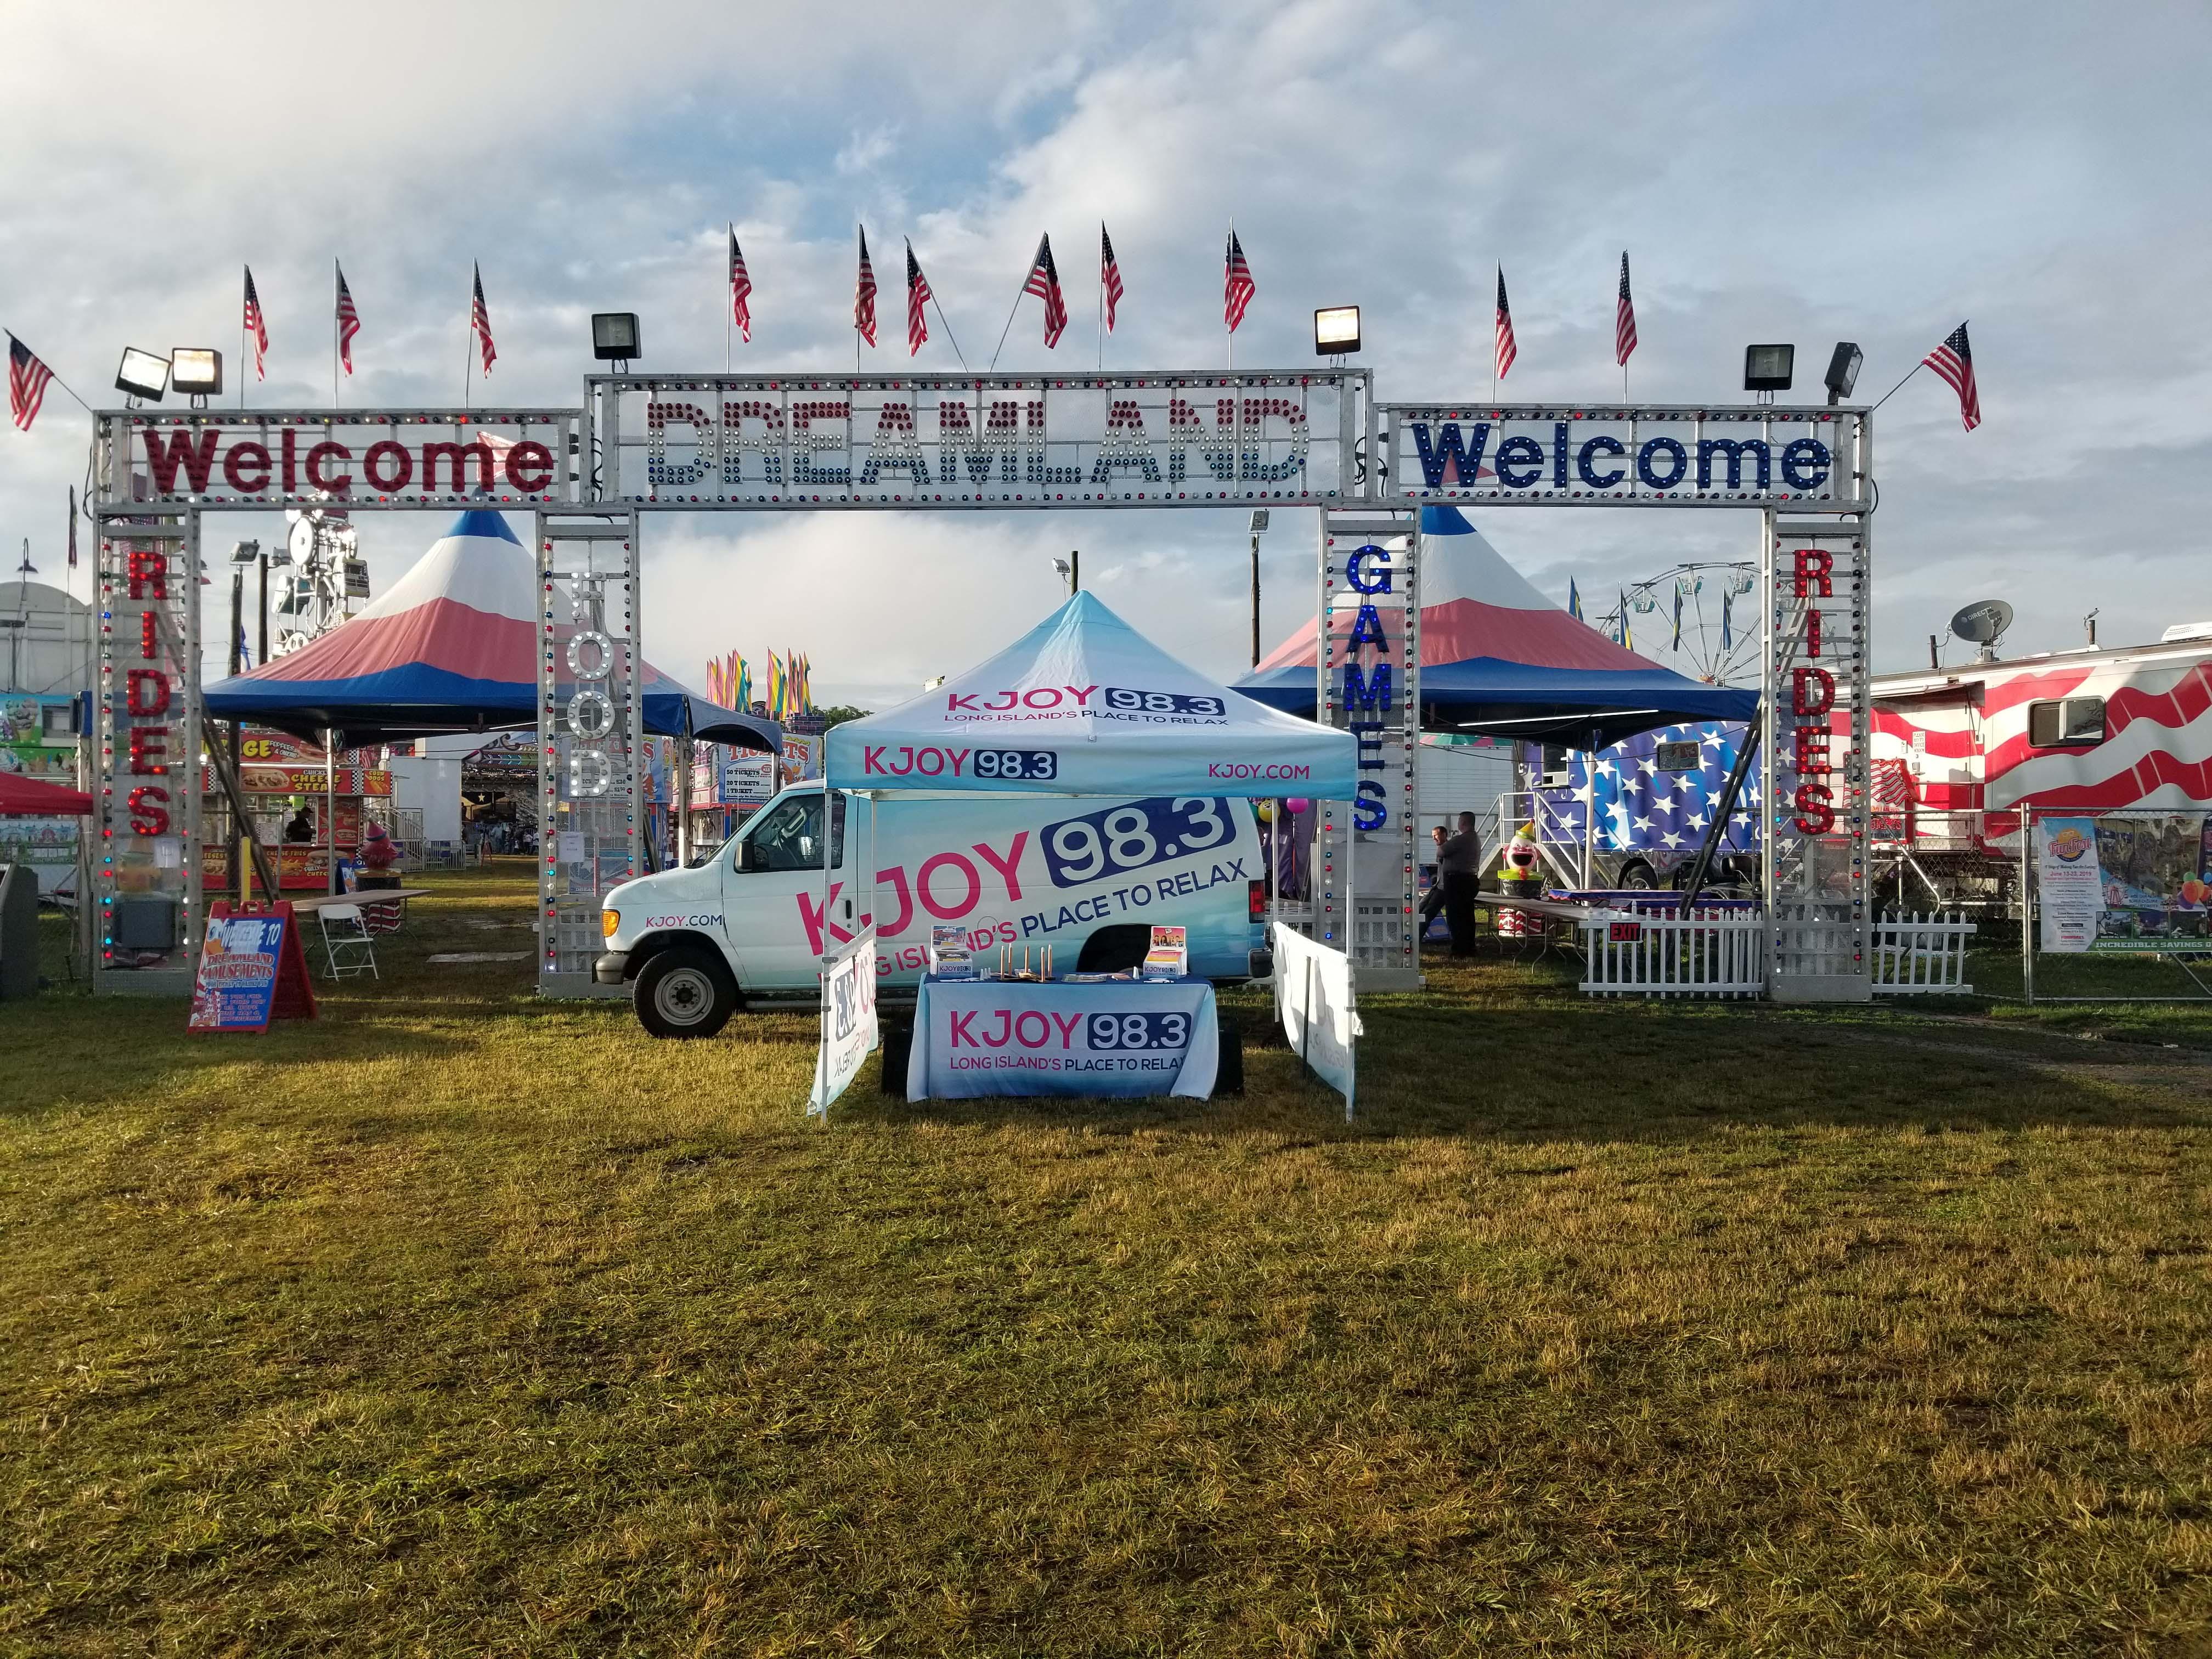 Long Island Fun Fest